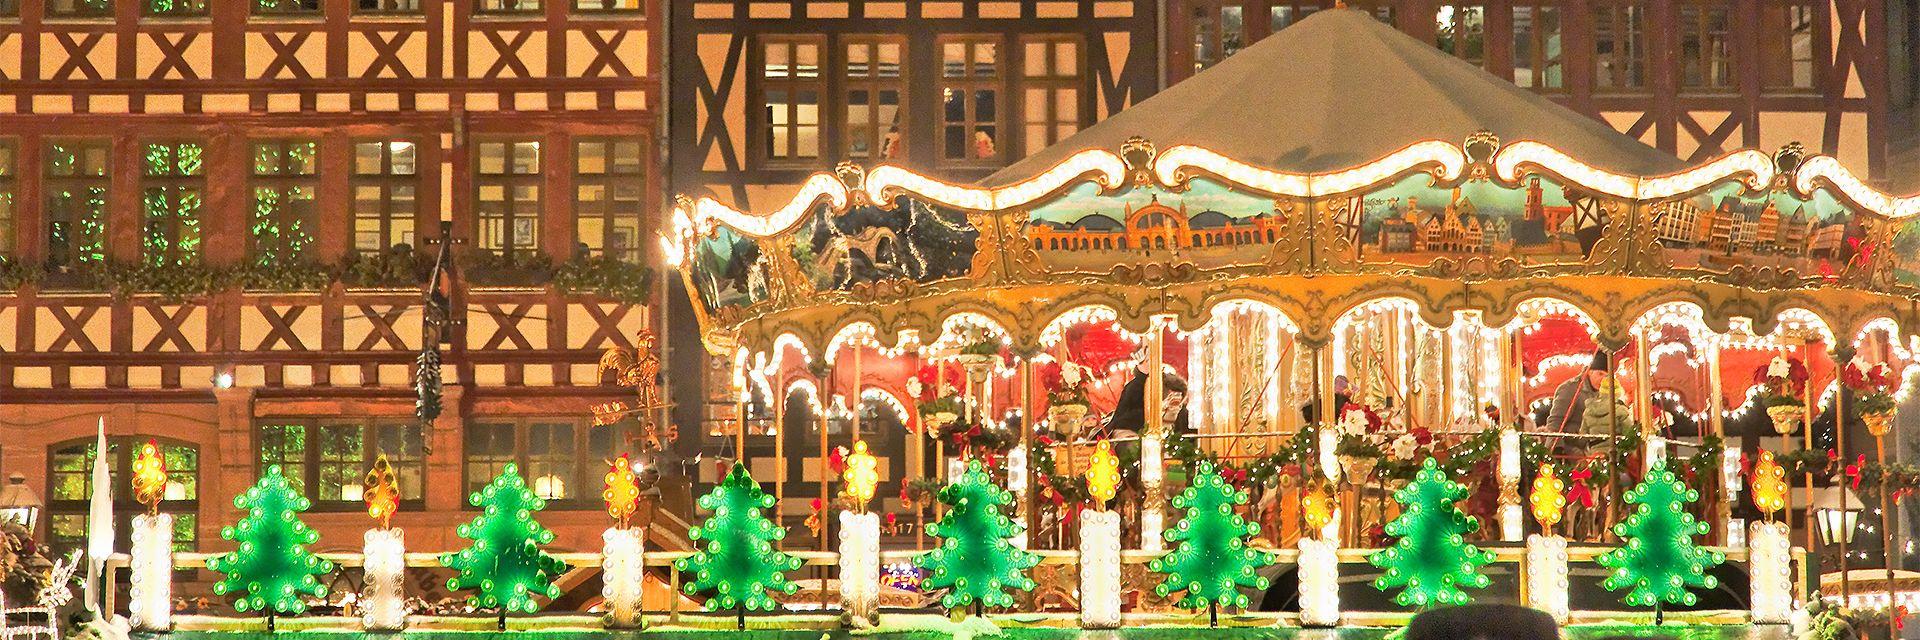 julmarknad i frankfurt am main